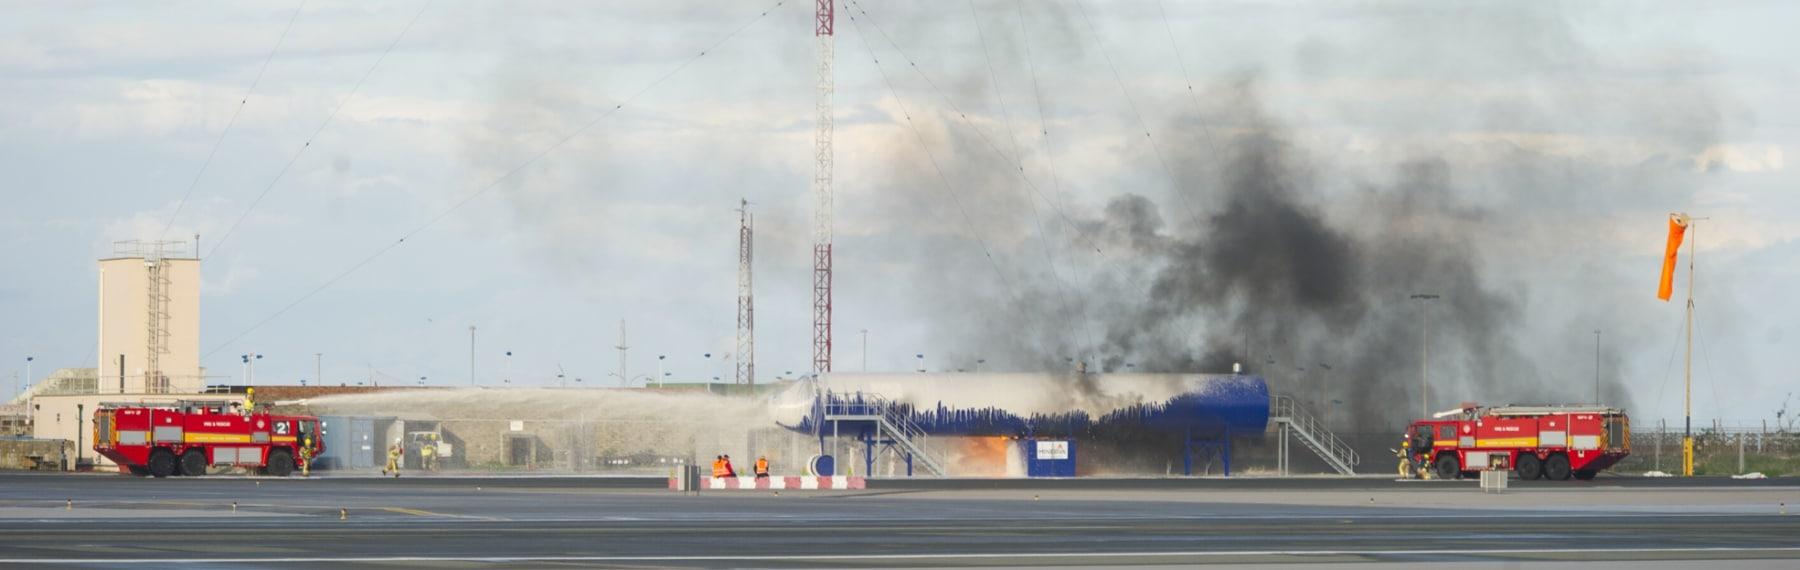 simulacro-accidente-aereo-en-gibraltar-03122014-11_15943931125_o